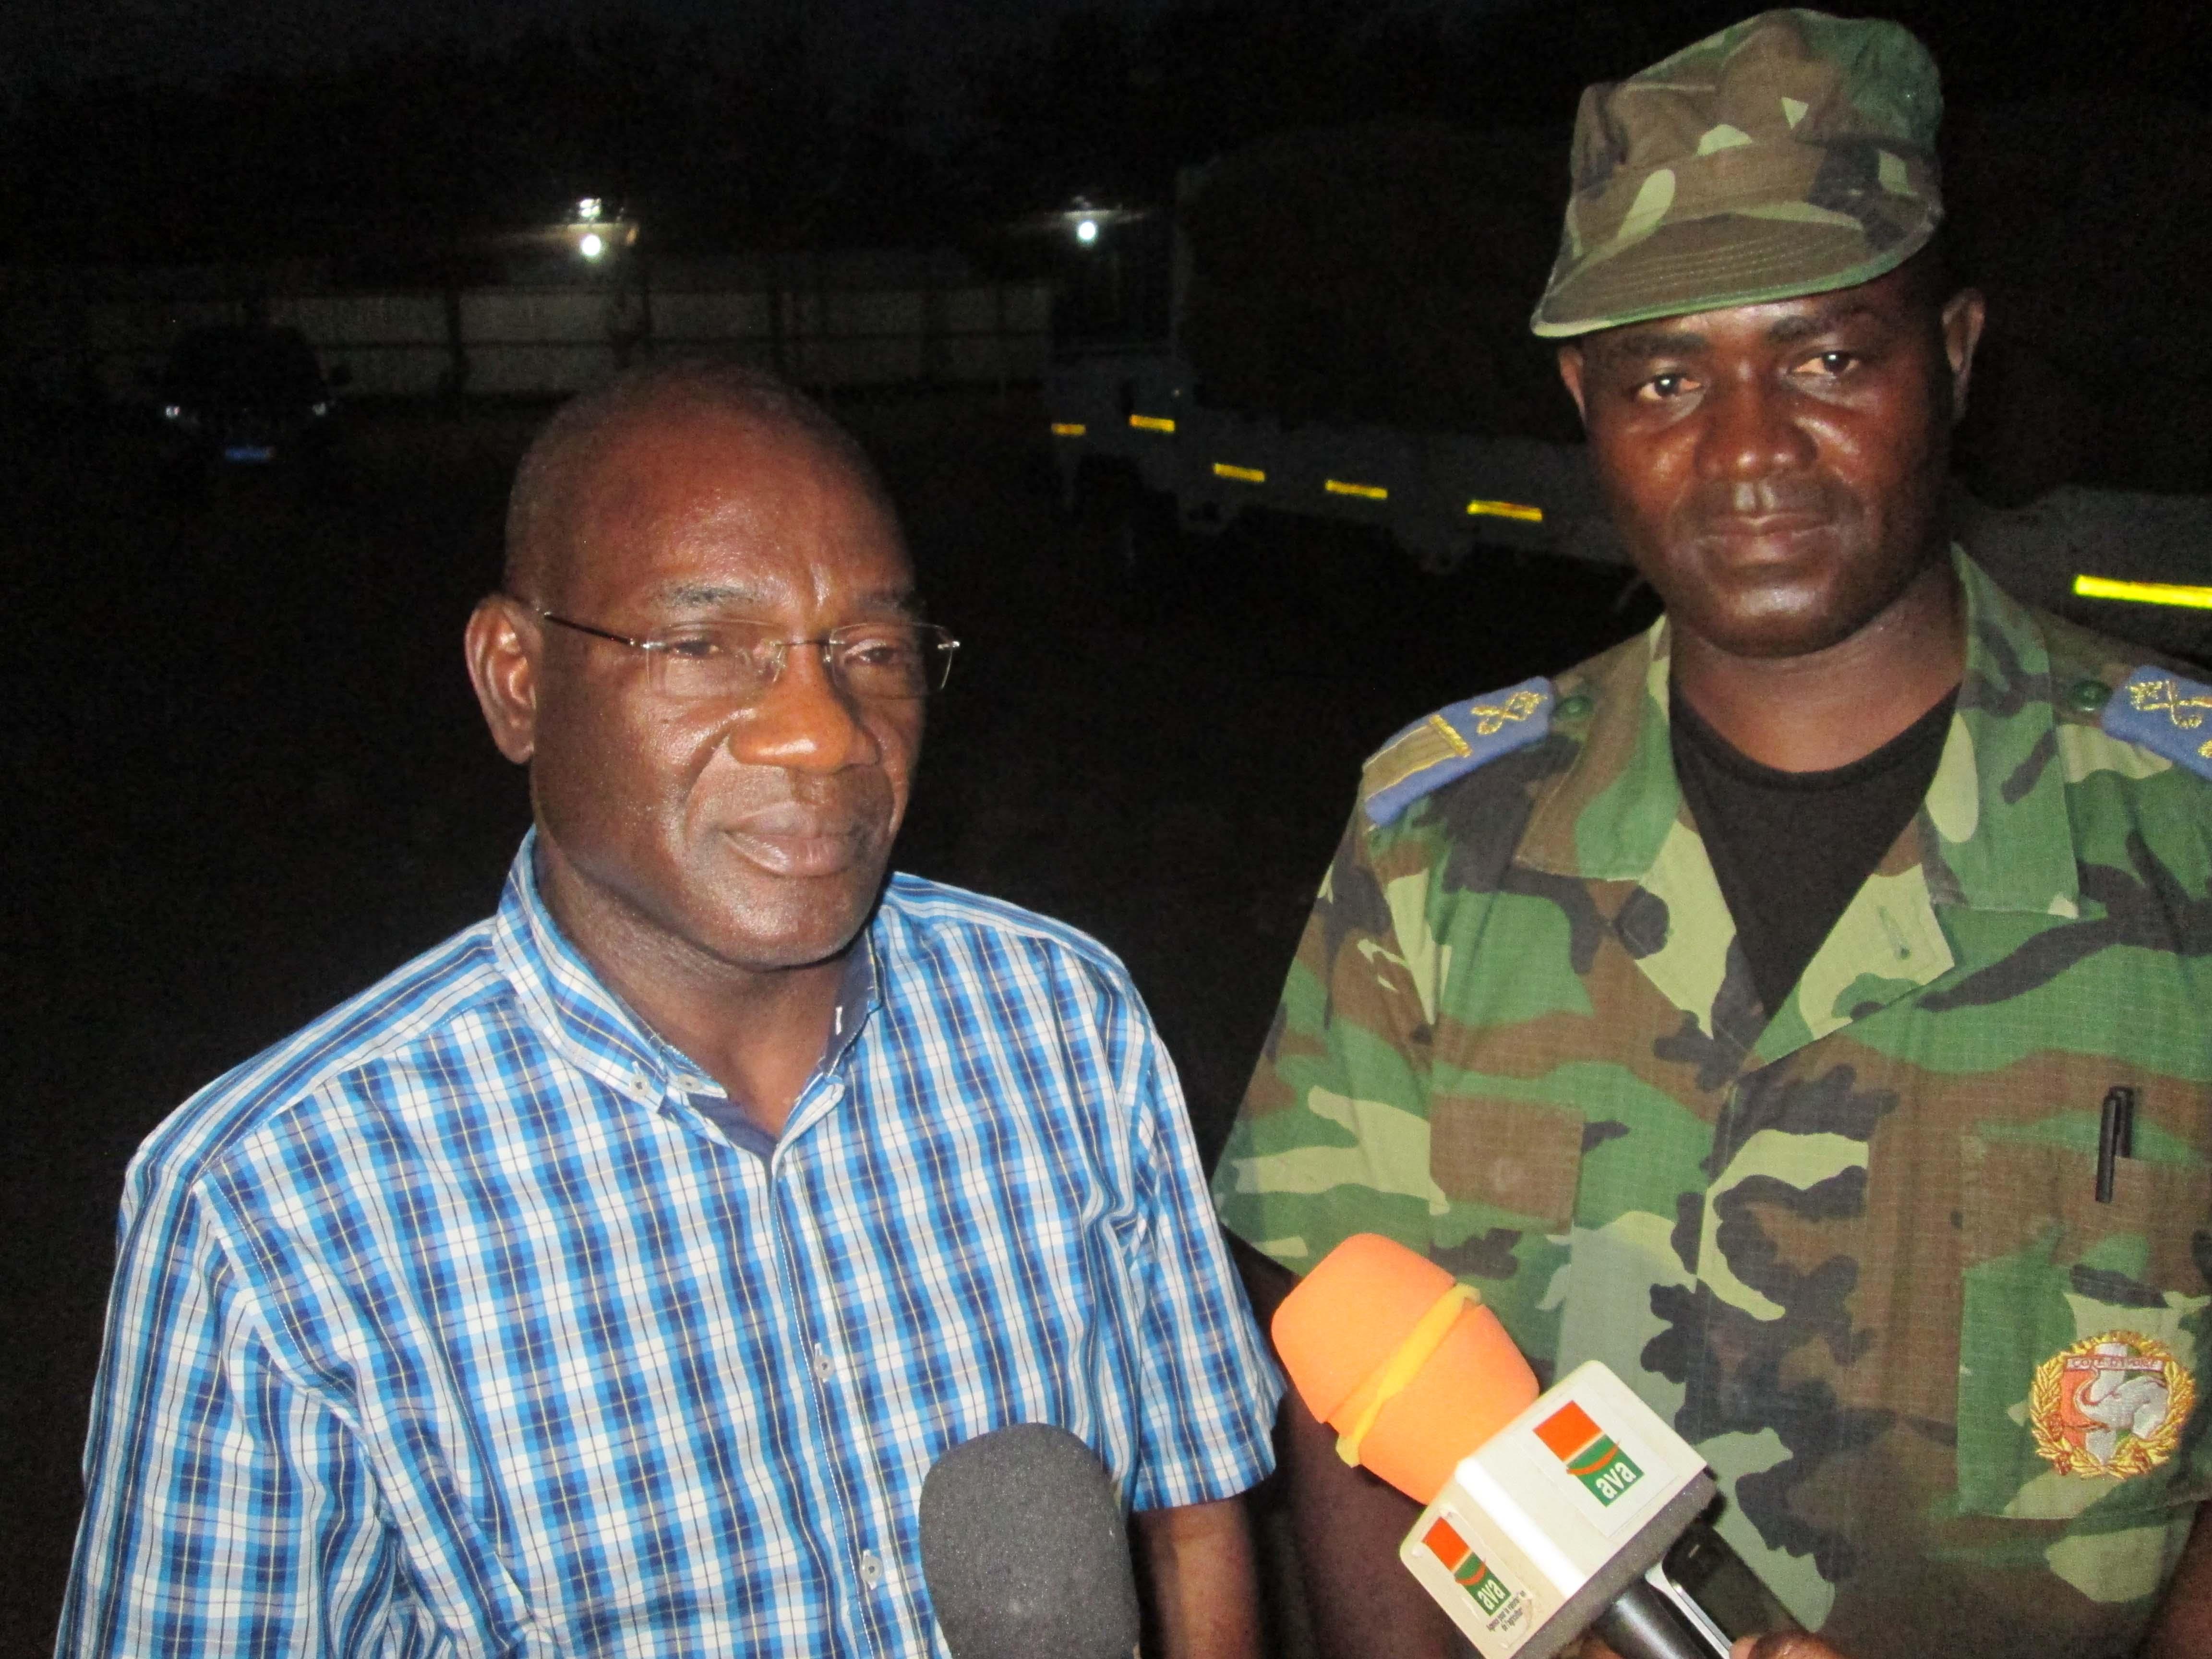 Visite du Directeur Général du Conseil Coton-Anacarde aux forces de l'ordre de Bondoukou